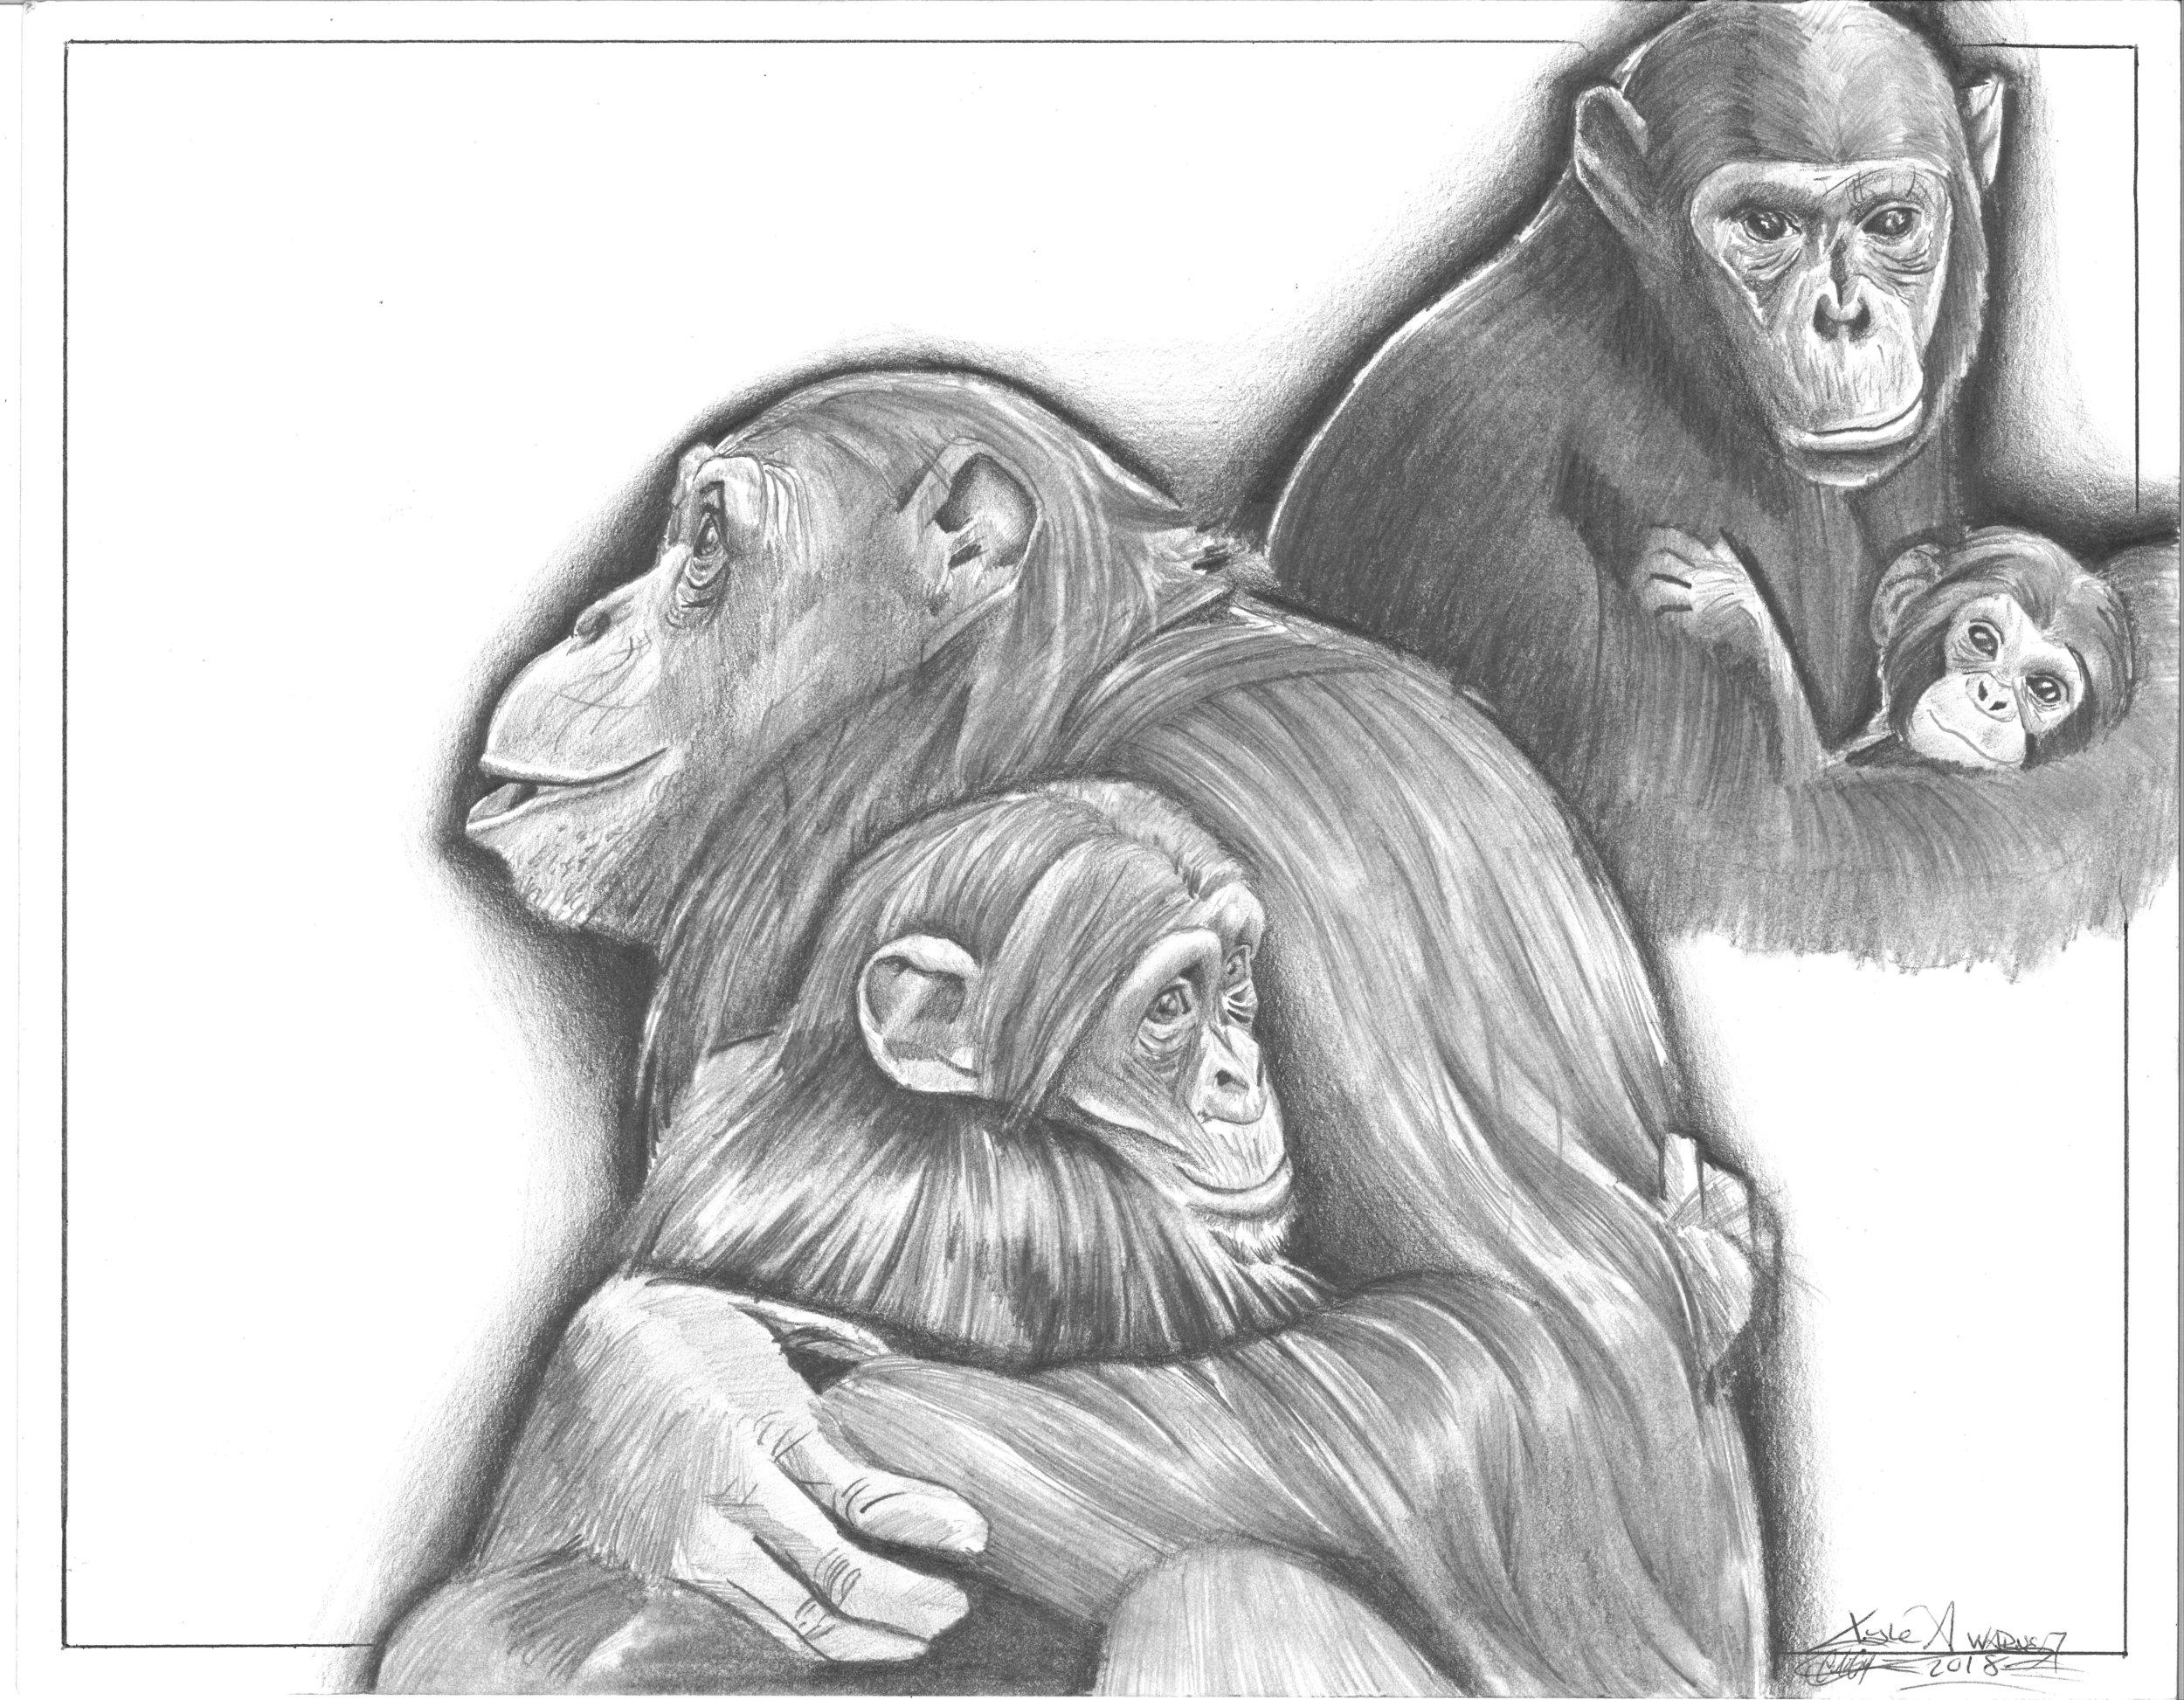 kyles_chimpanzeesforJane_EMAIL_Large.jpg